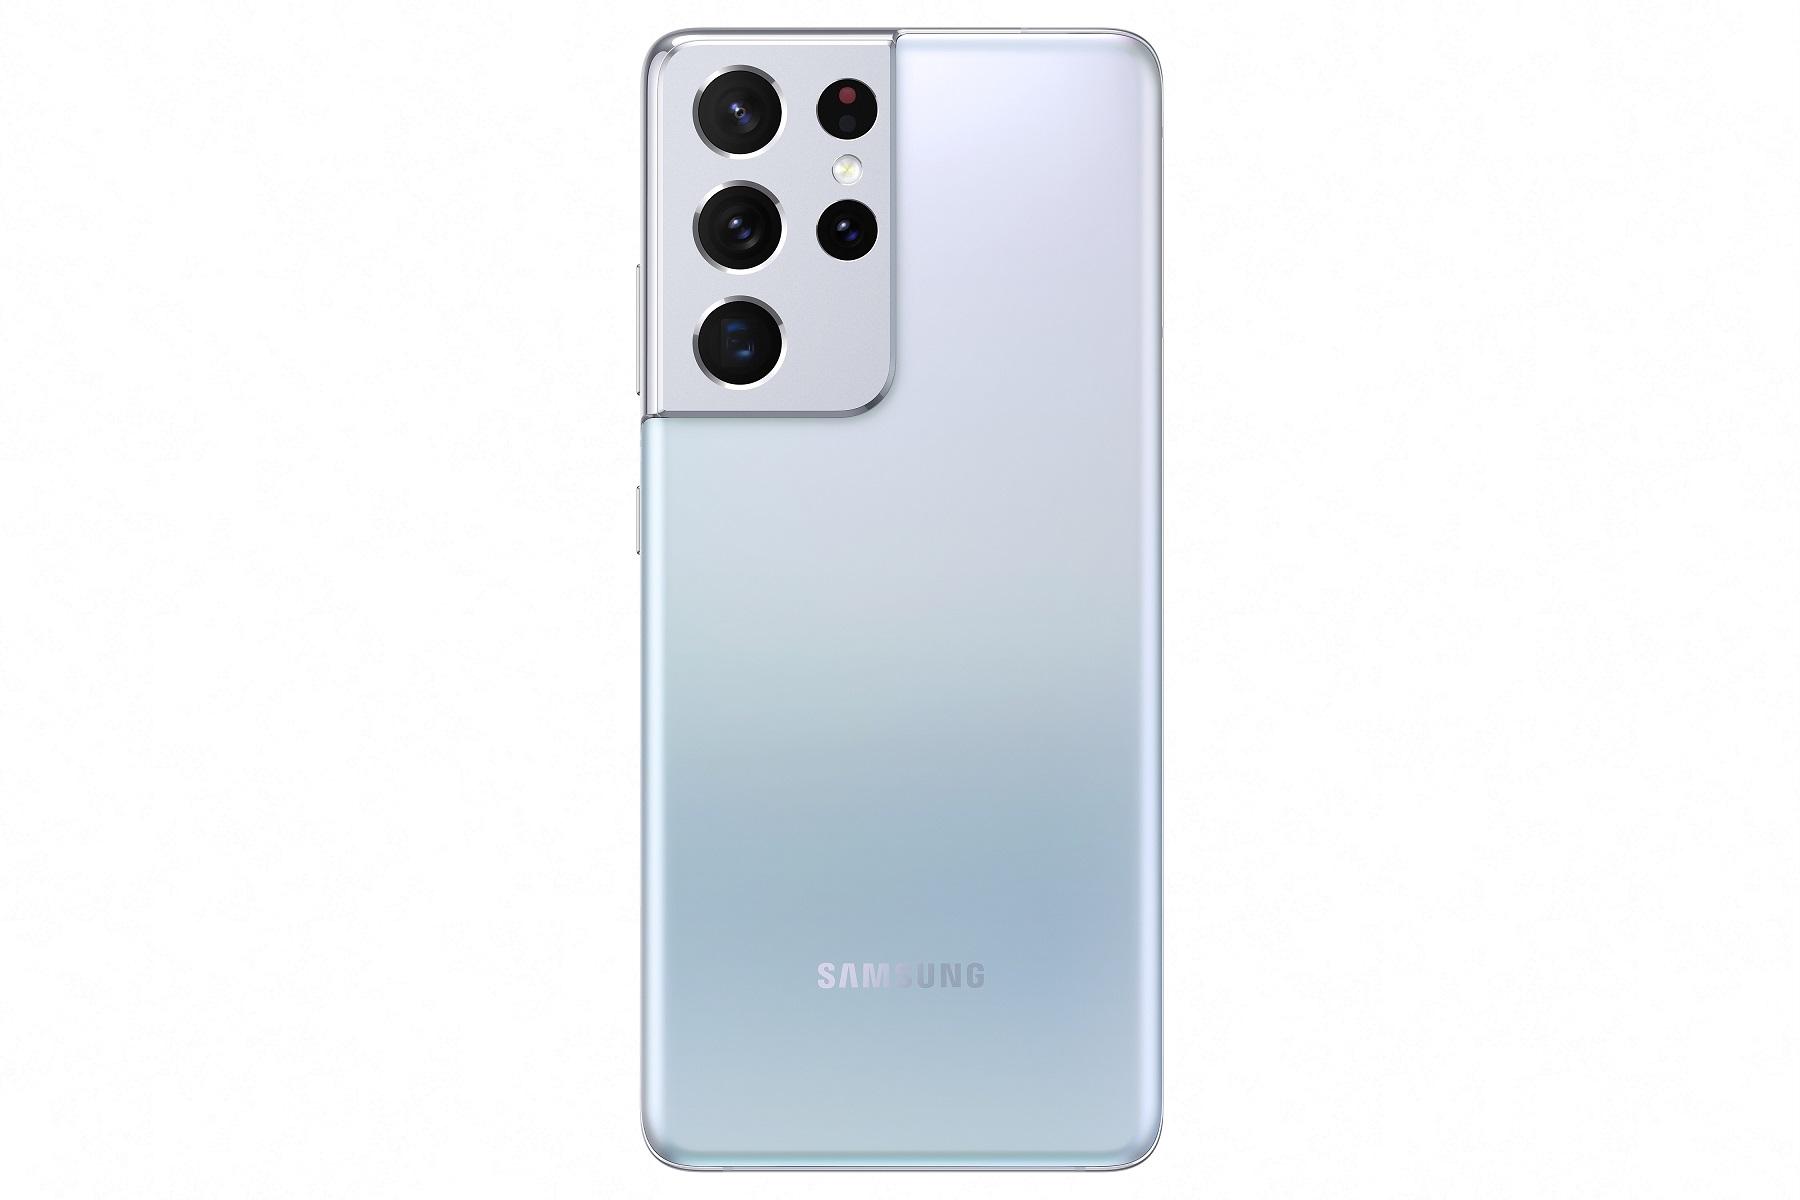 Samsung Galaxy S21 Ultra silver 128GB